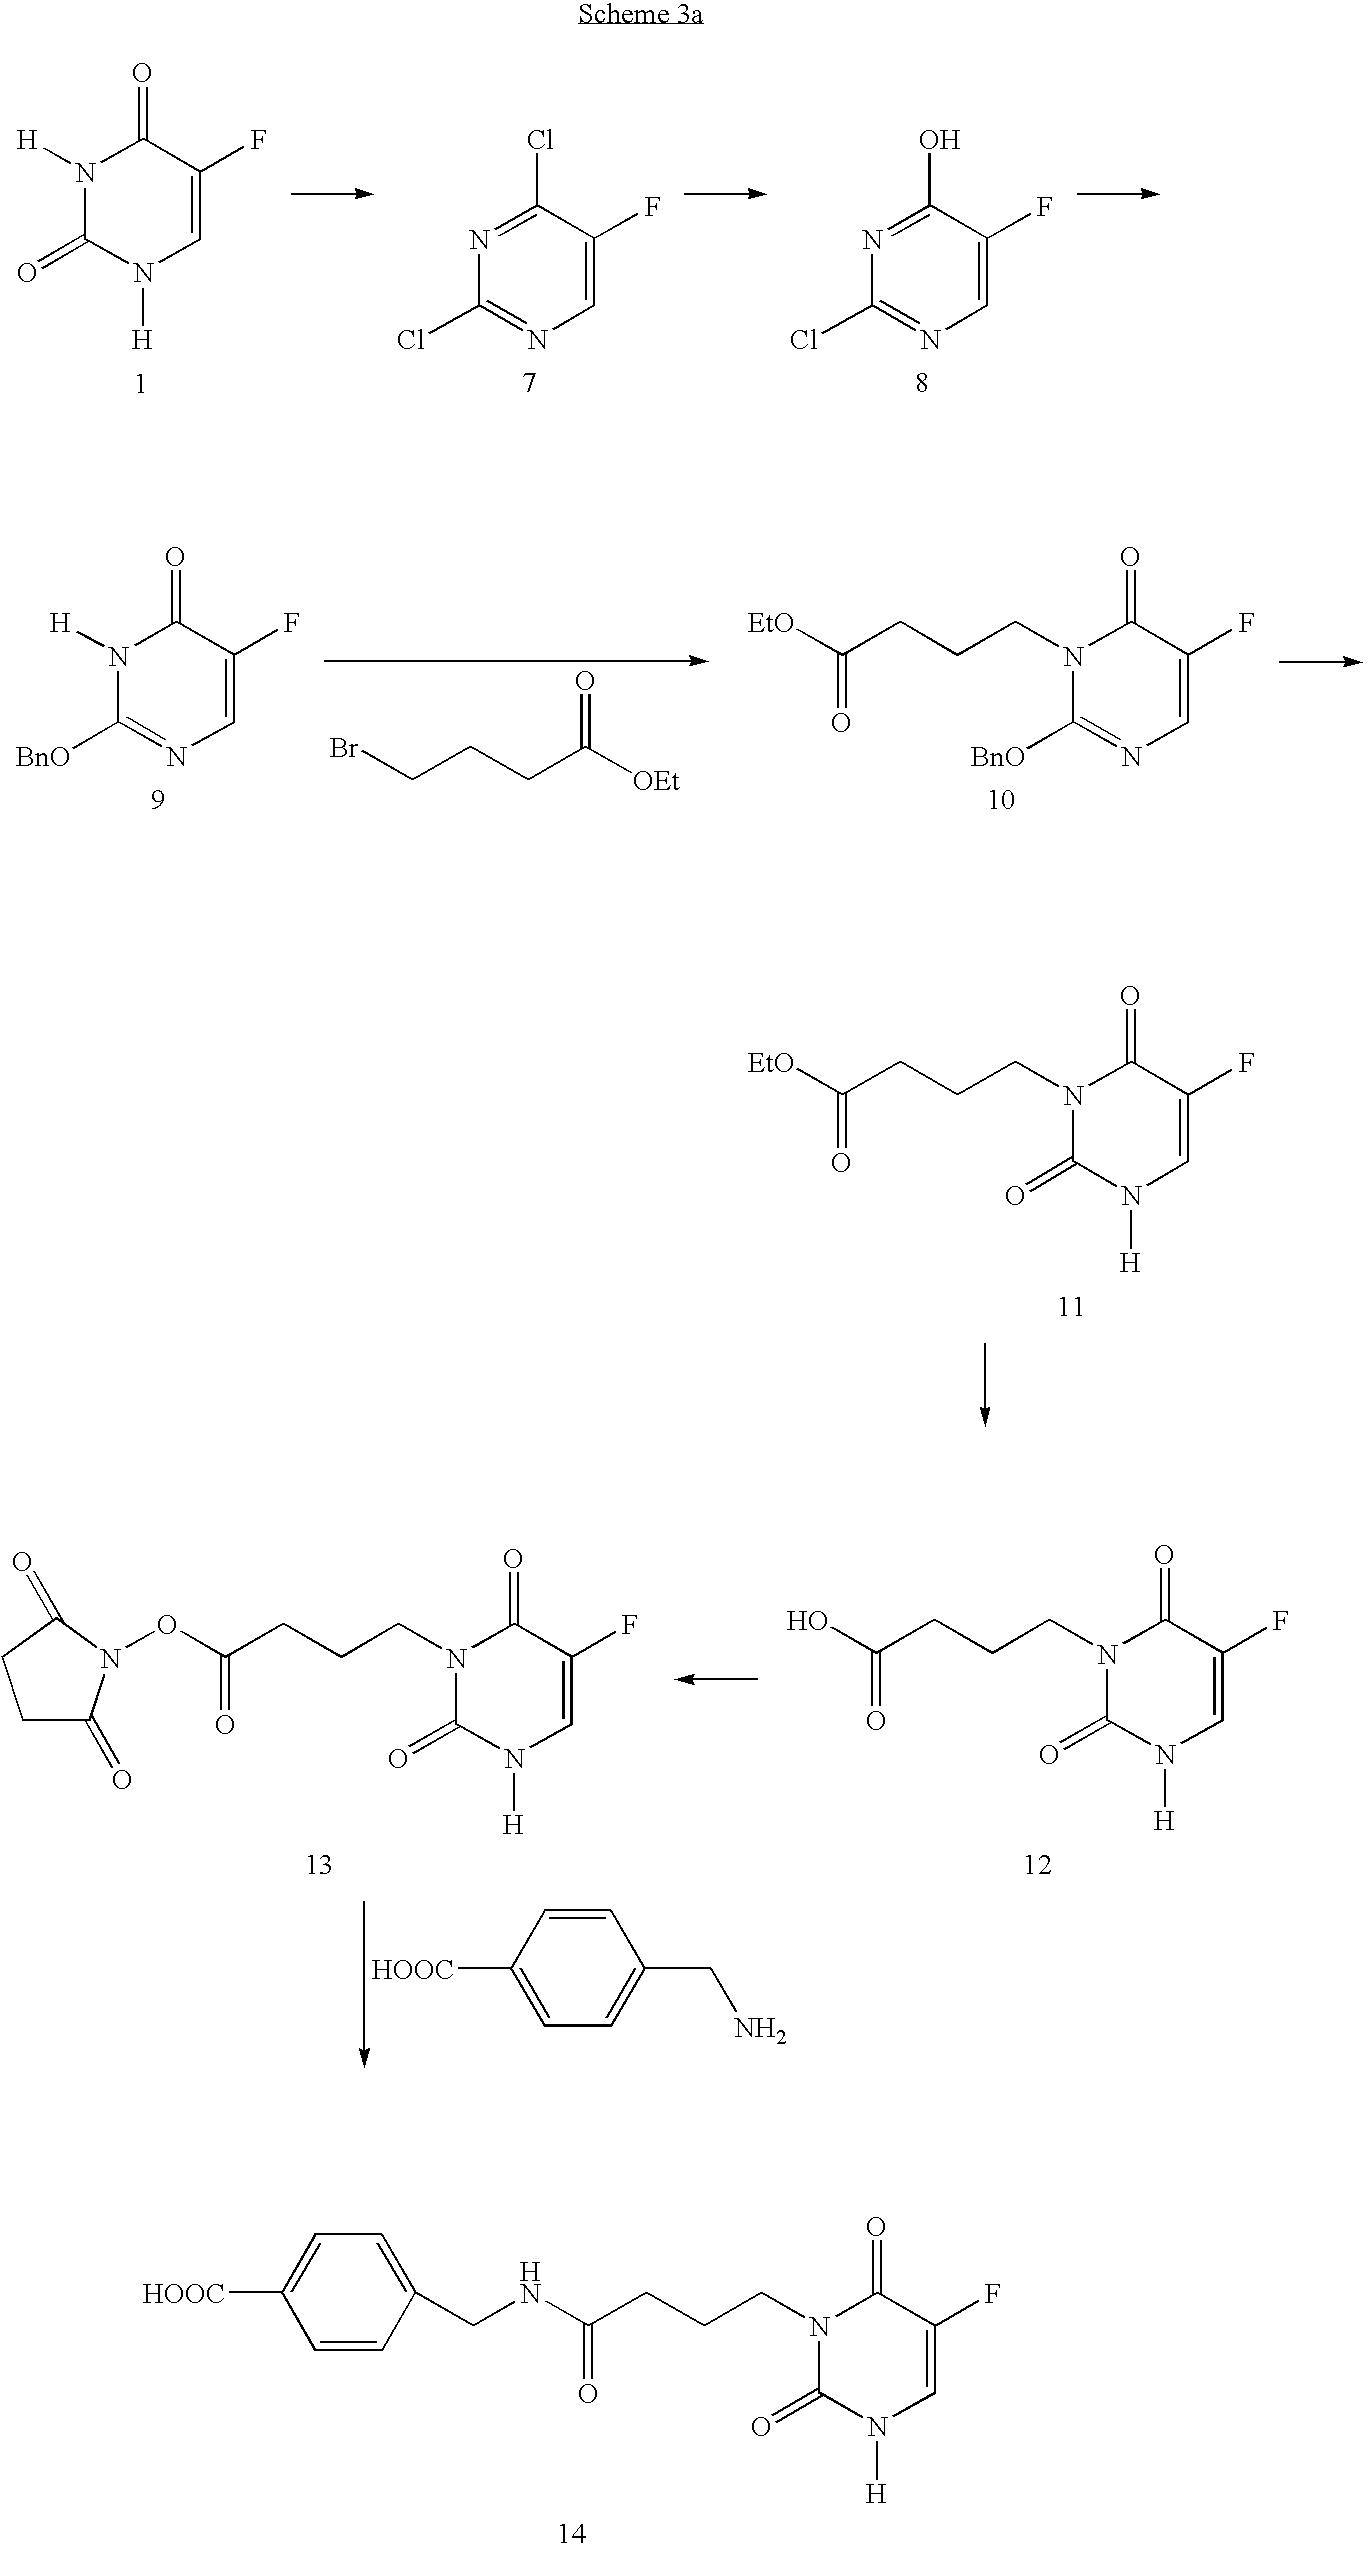 Figure US07205116-20070417-C00018